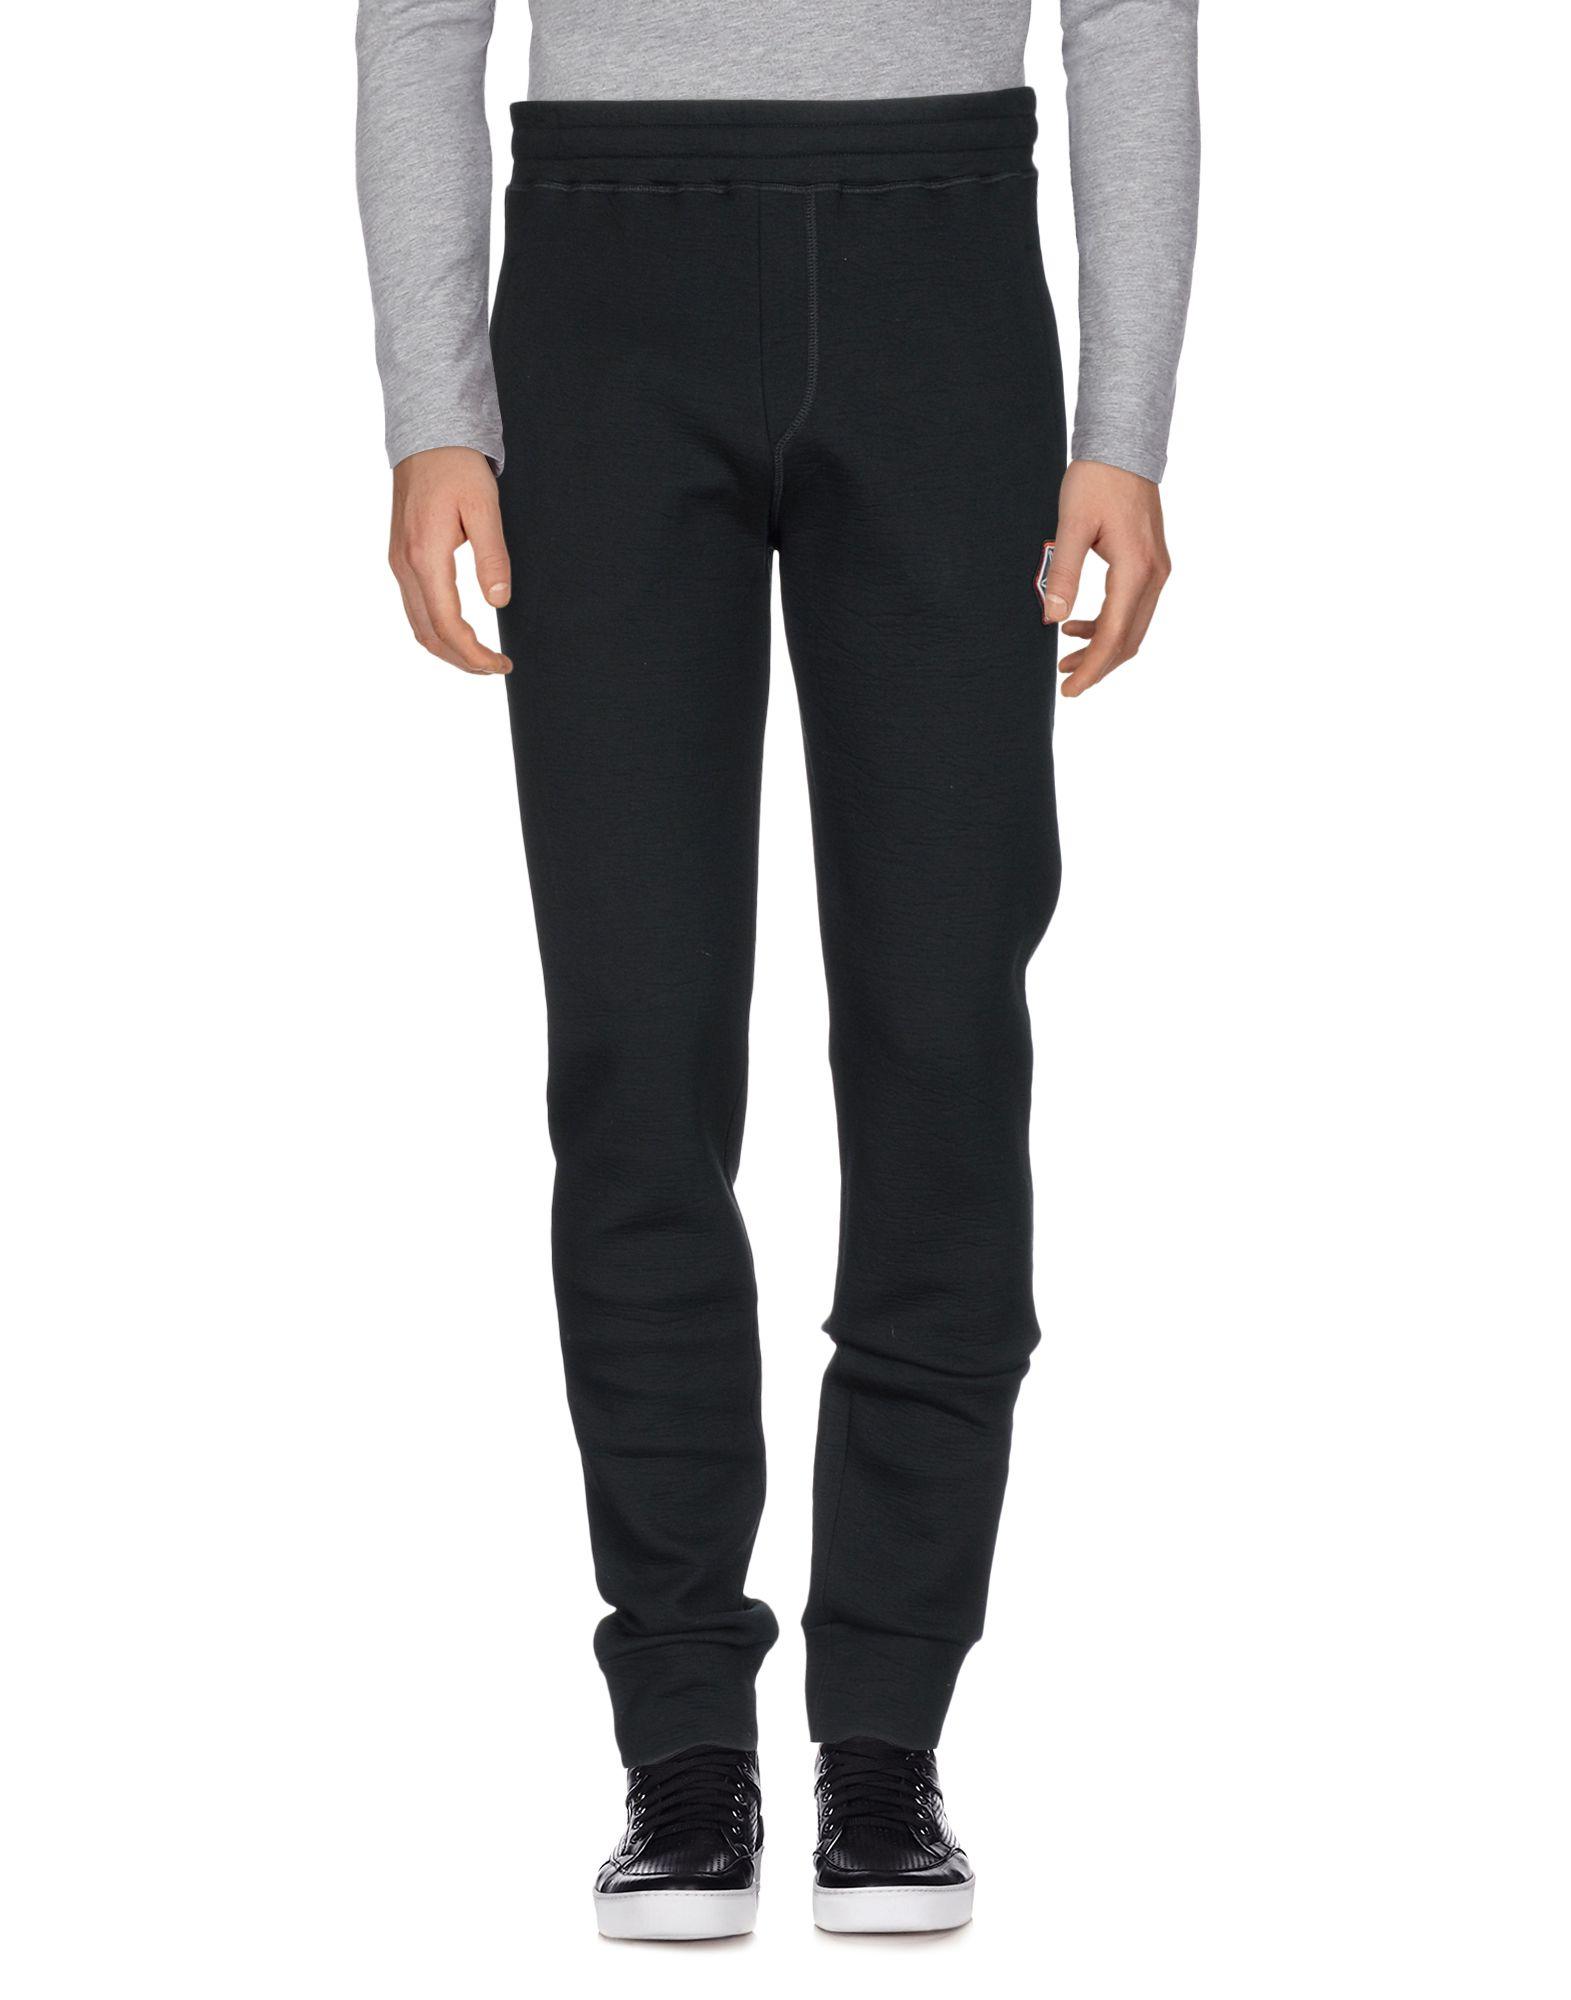 Pantalone Lanvin Donna - Acquista online su